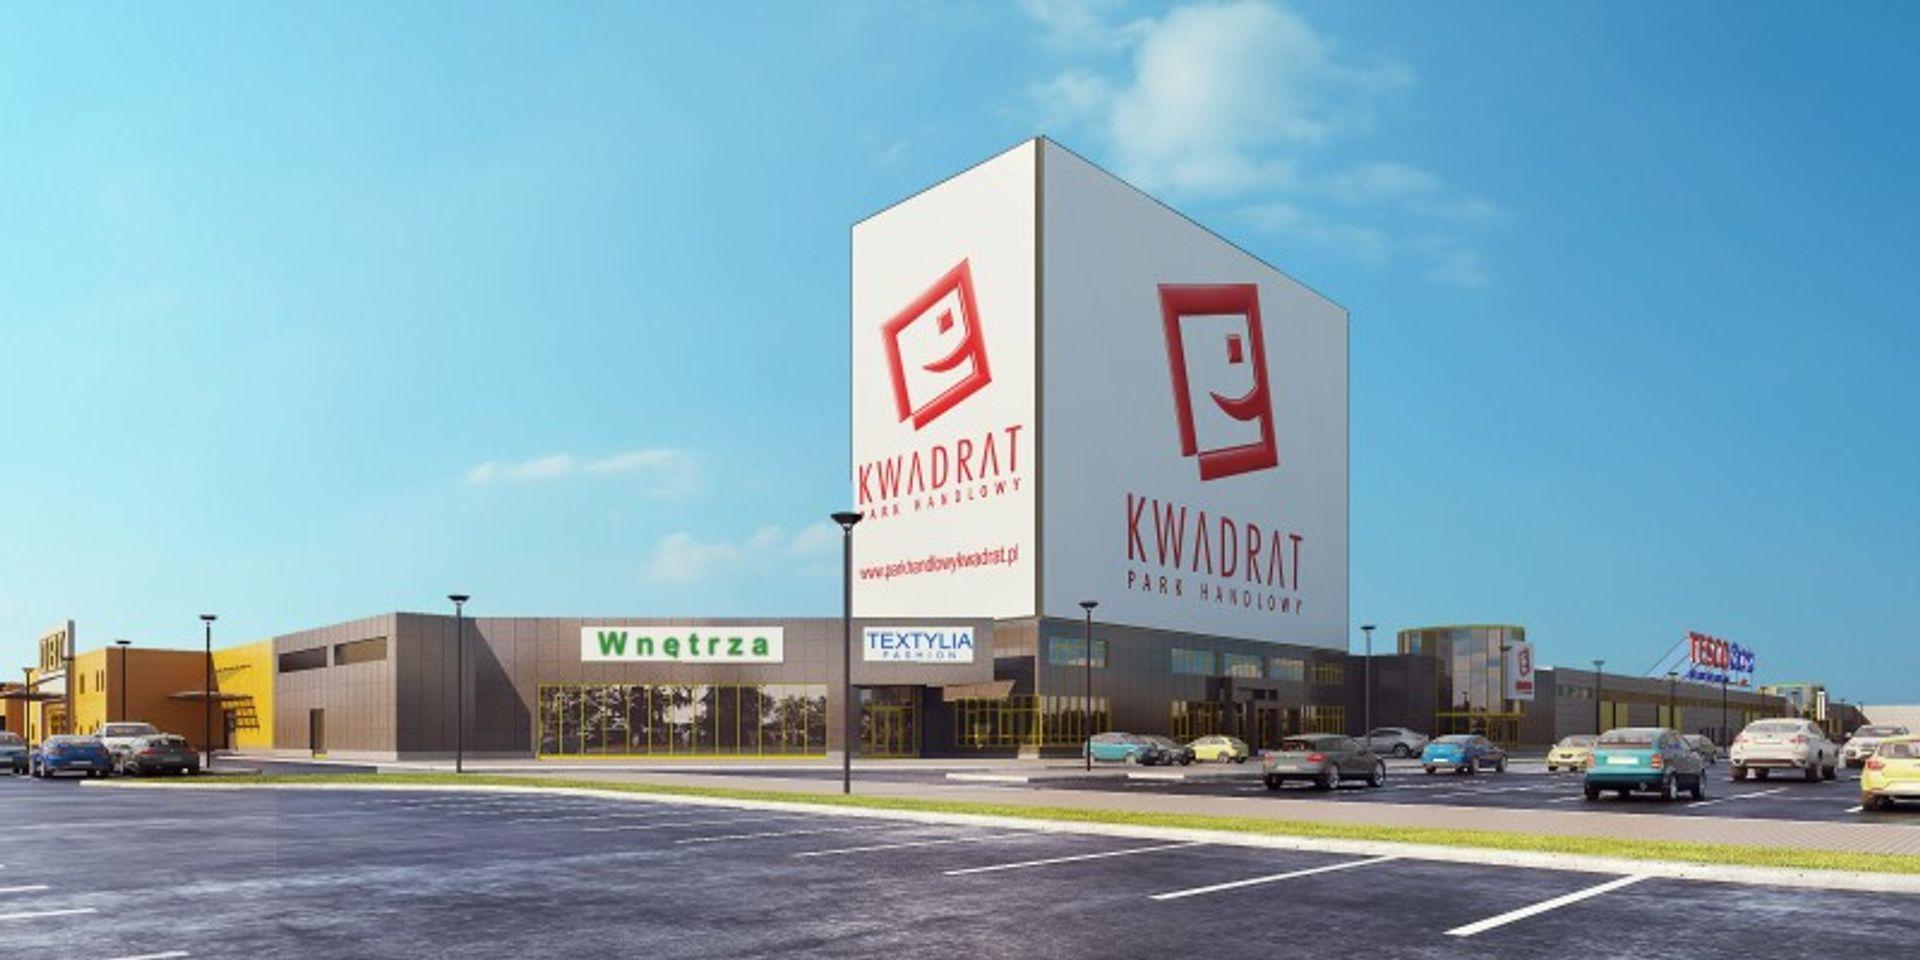 [Białystok] W Białymstoku powstaje największy obiekt handlowy – KWADRAT – łączący galerię z parkiem handlowym